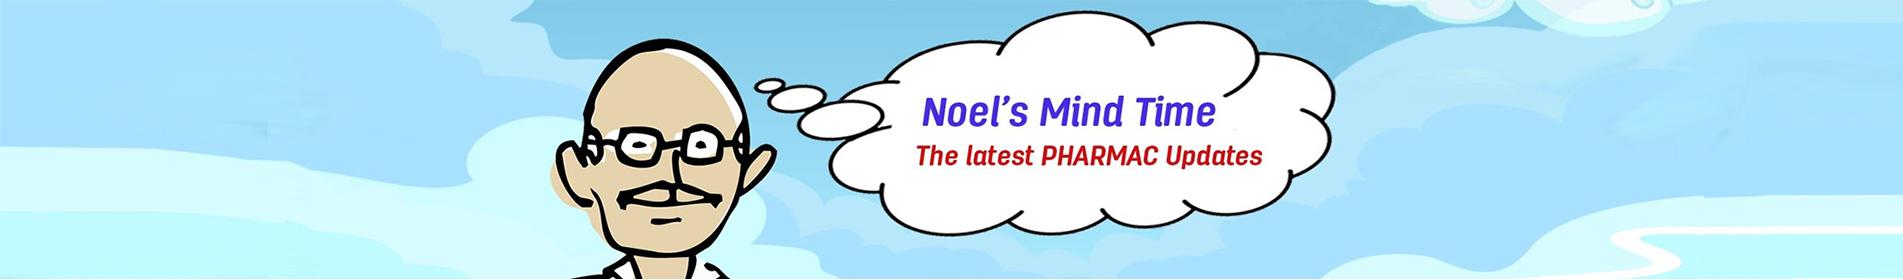 Noel's Mind Time